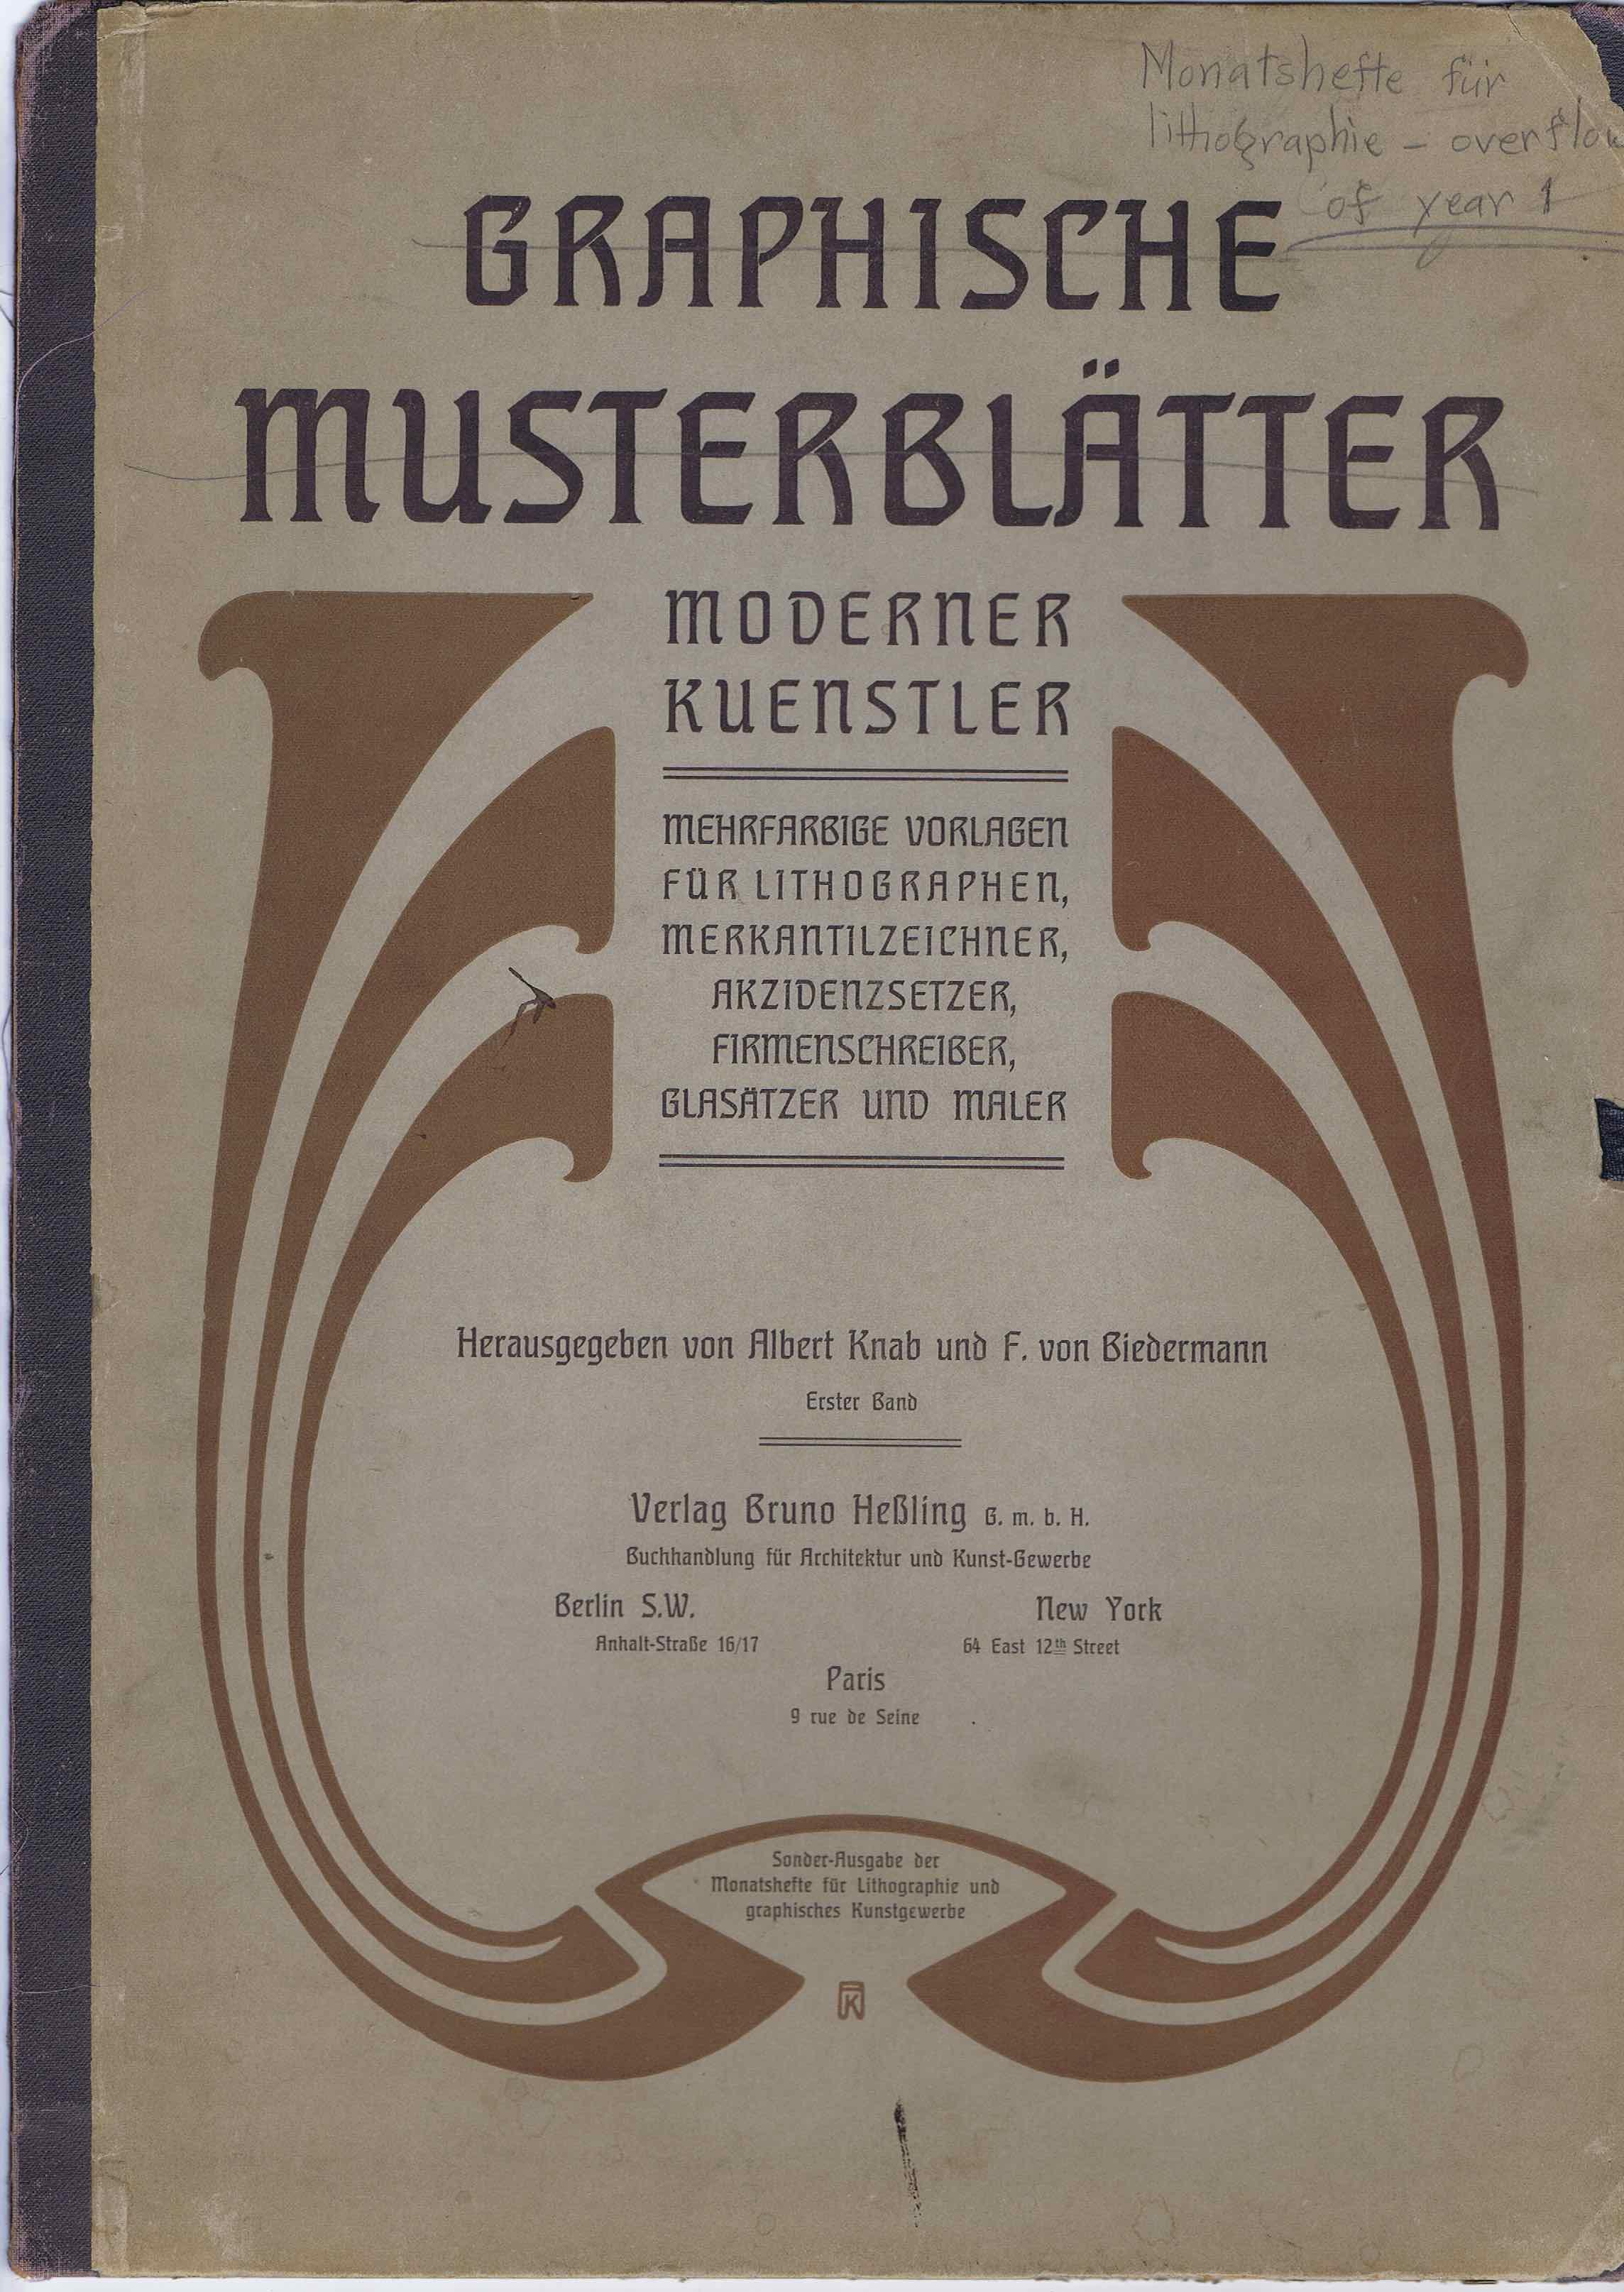 J340GRAPHISCHE MUSTERBLATTER - MODERNER KUENSTLER